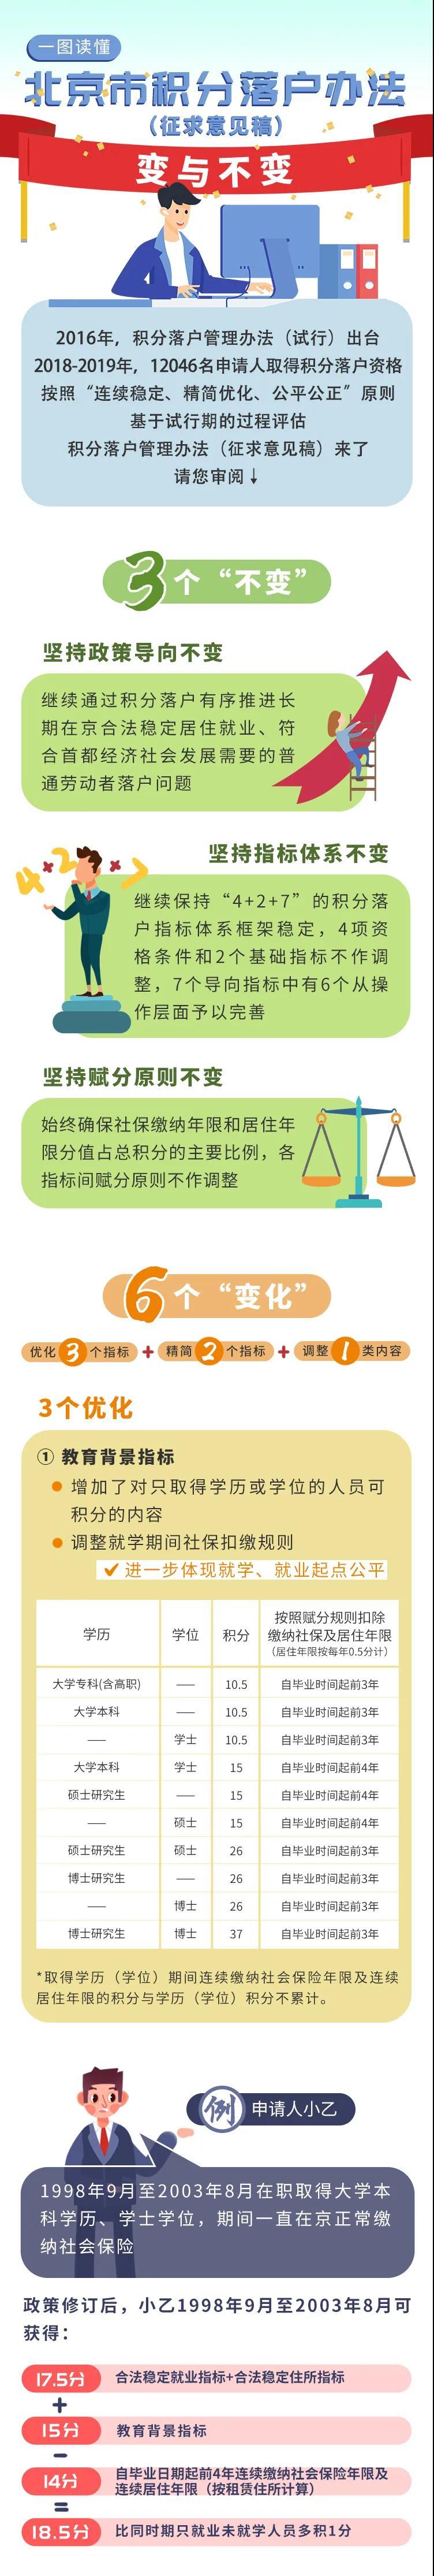 [杏悦]看懂北京市杏悦积分落户管理办法修订的变与不图片